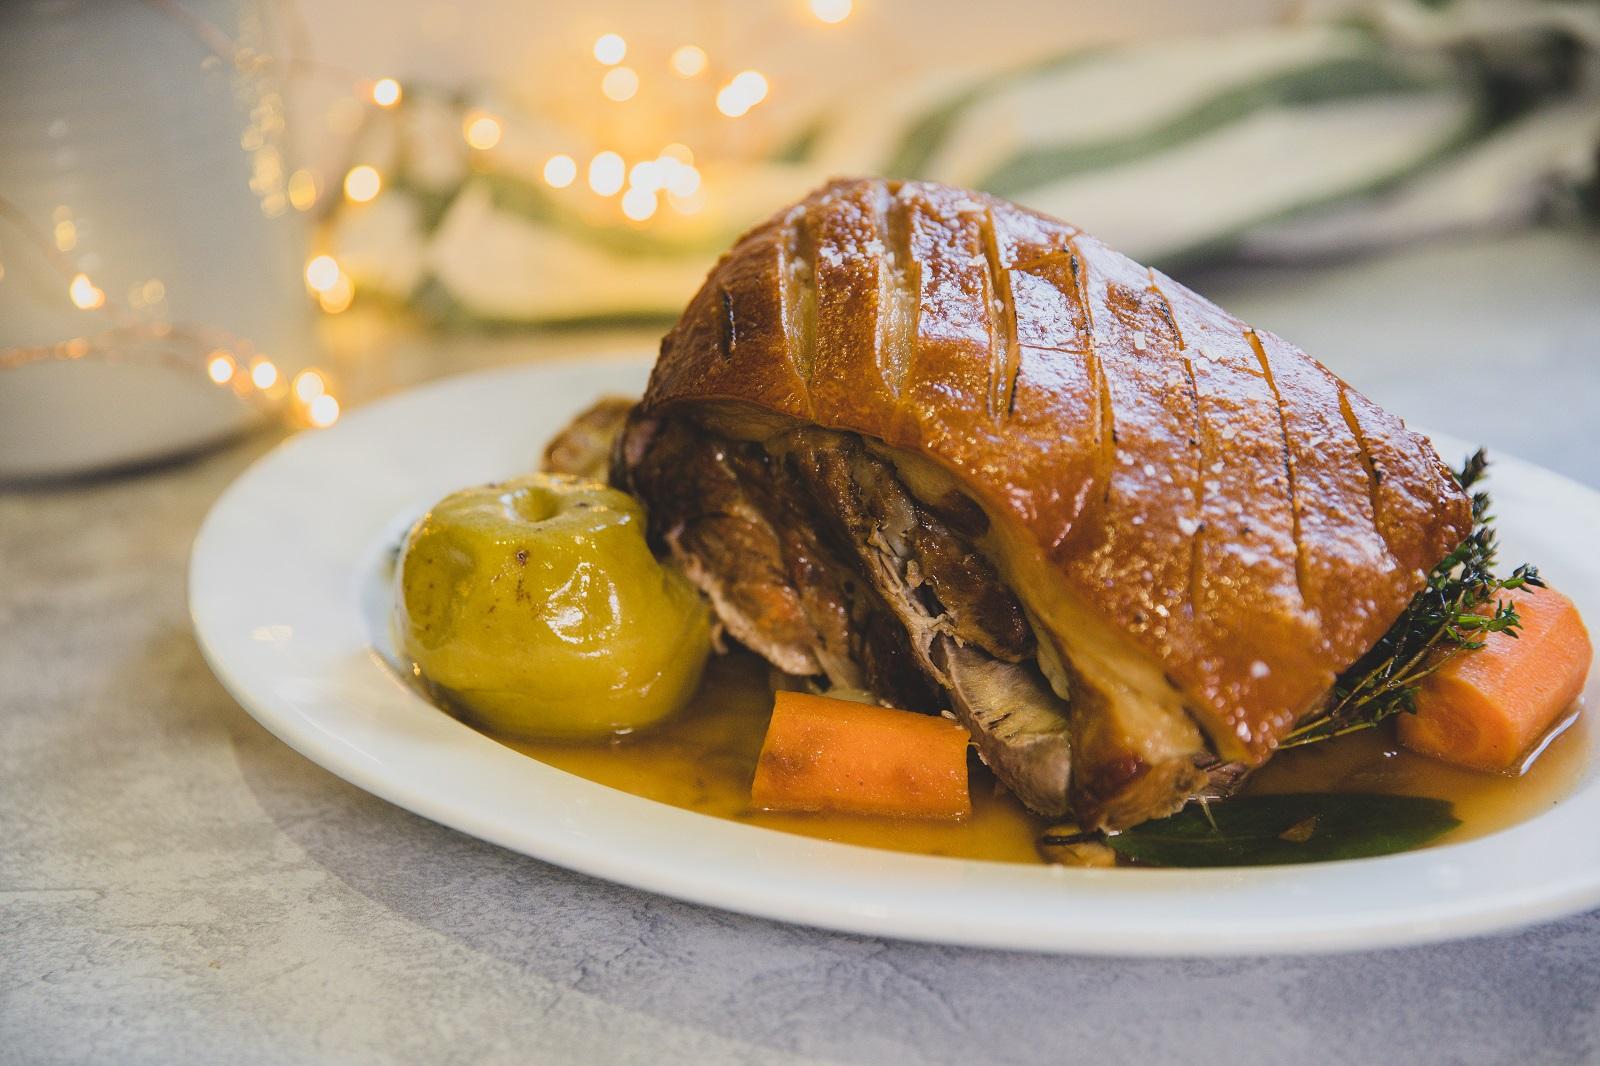 Justine Schofield's Otway Pork – Roasted Otway Pork Shoulder